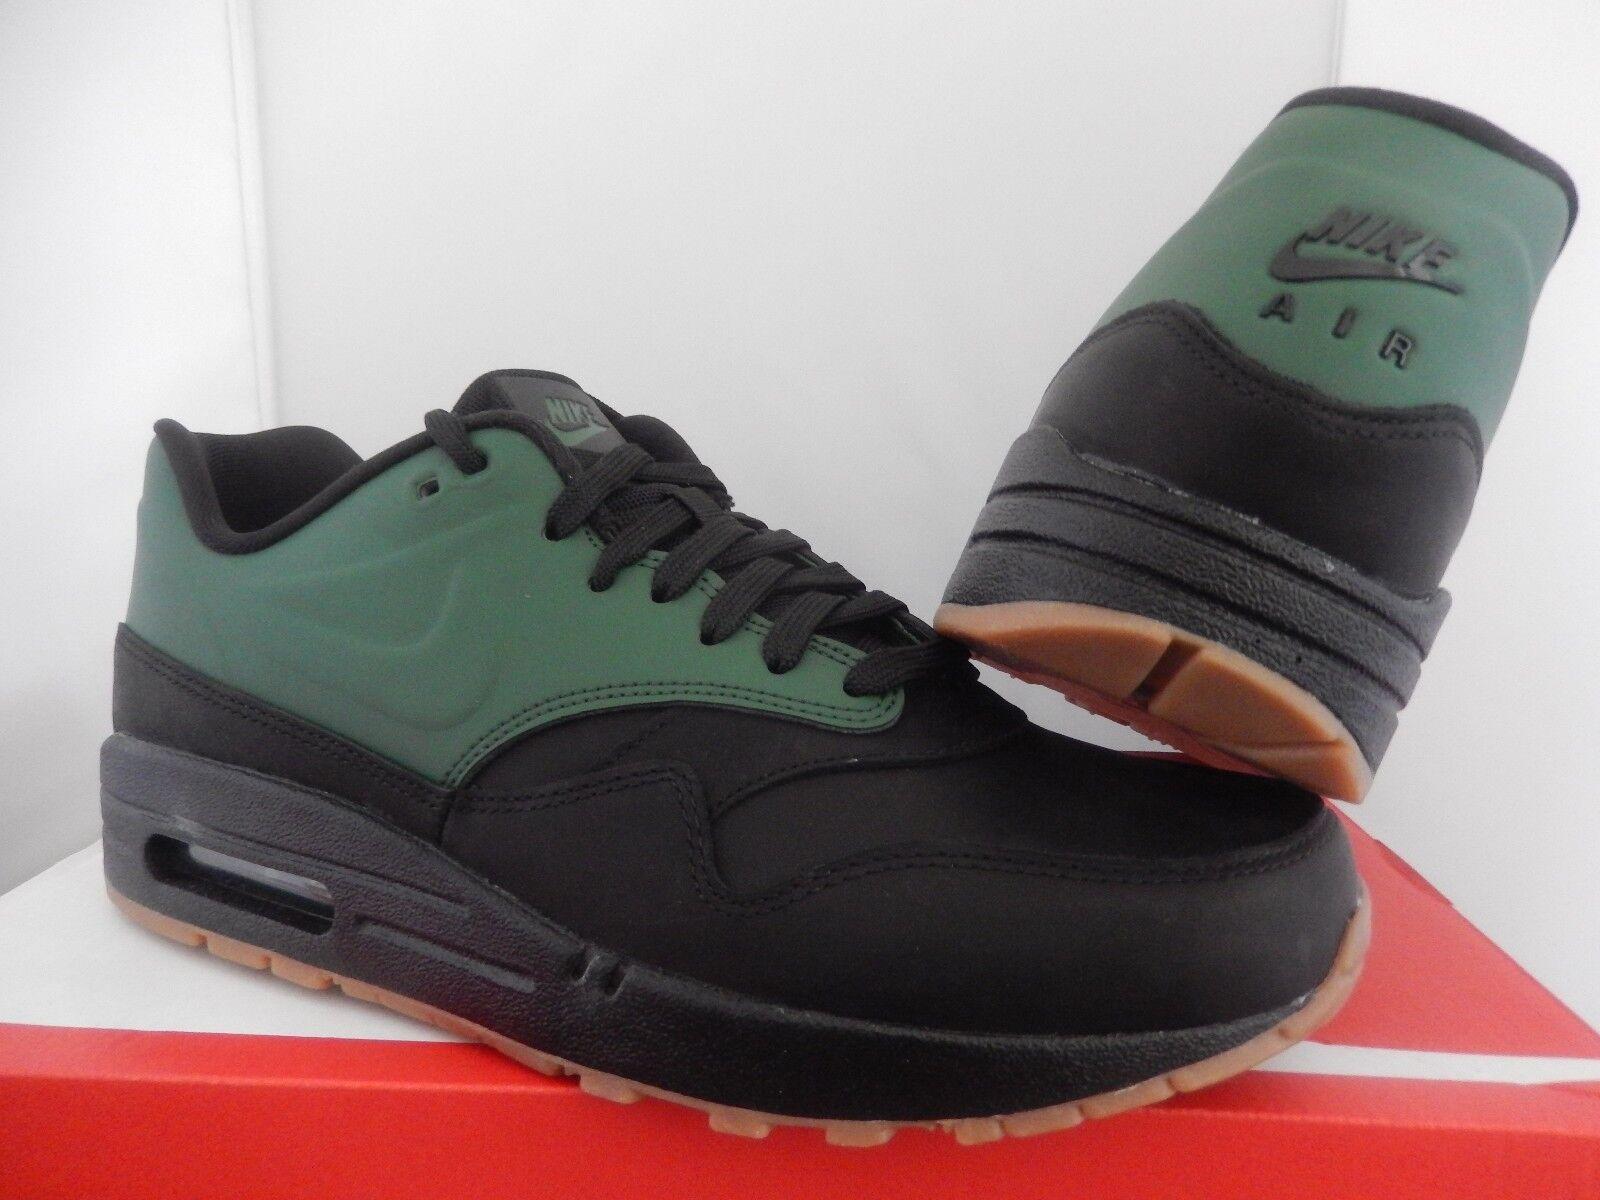 Bei nike air max 1 vi - schlucht green-schwarz-gum Braun 7.5 sz 7.5 Braun 61fc83